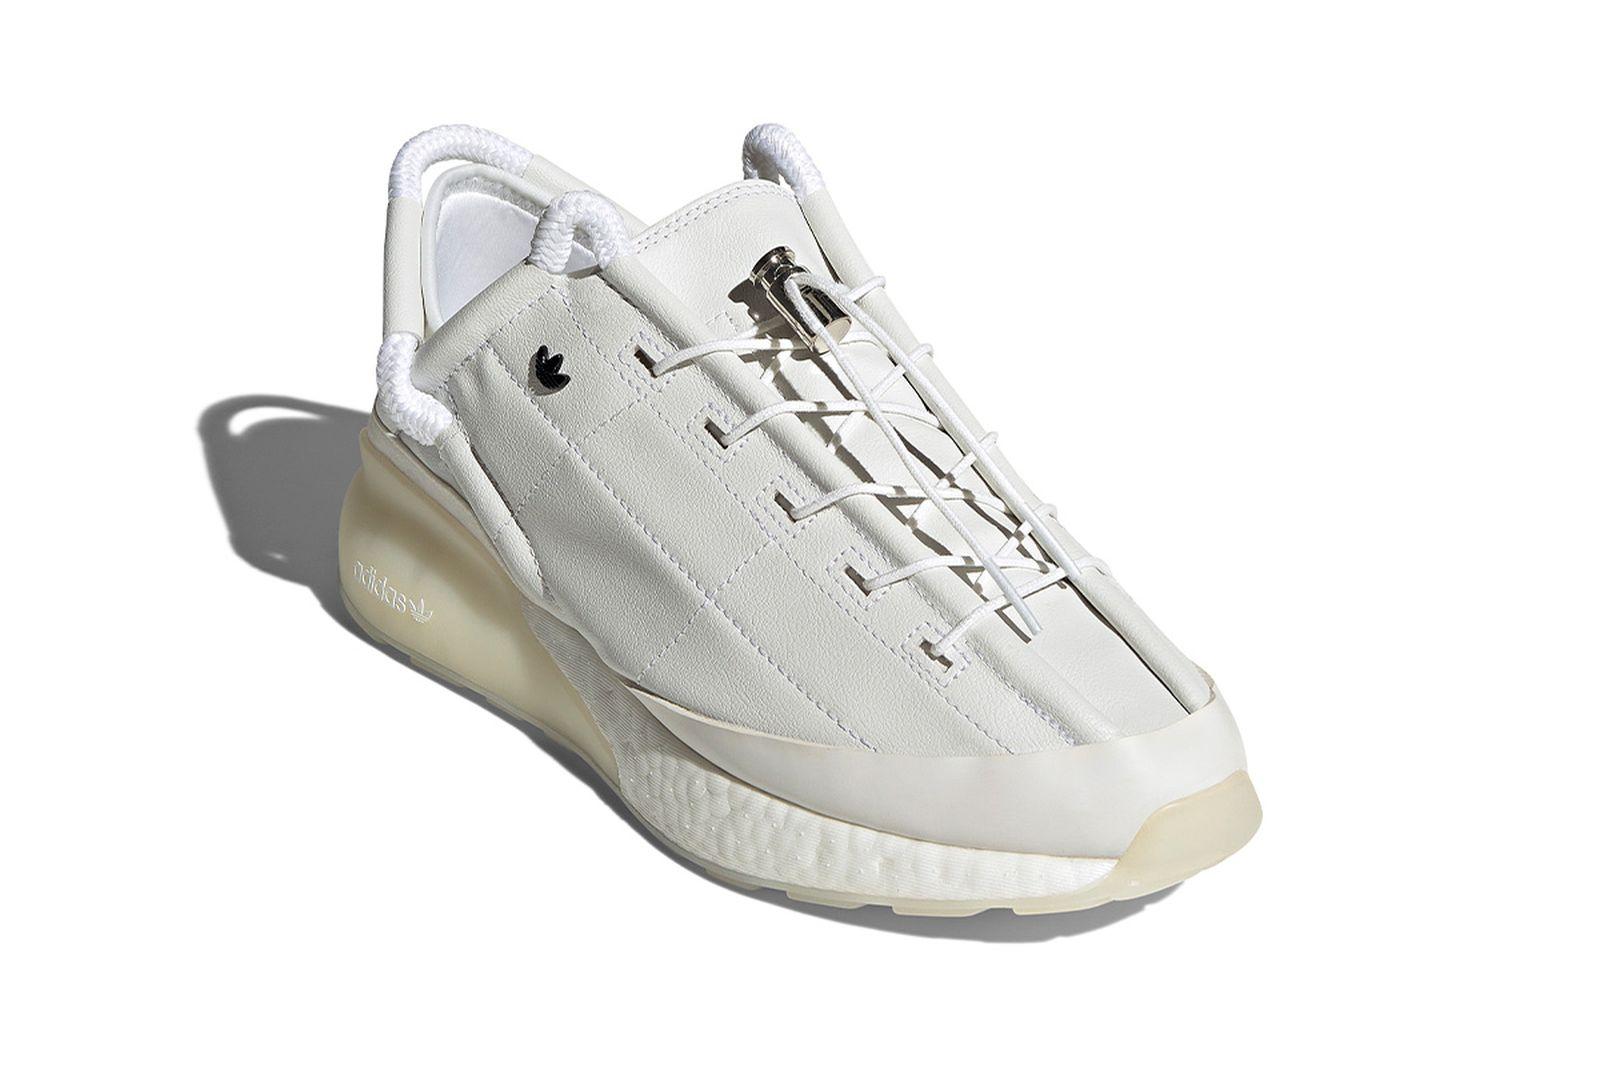 craig-green-adidas-zx-2k-phormar-release-date-price-02